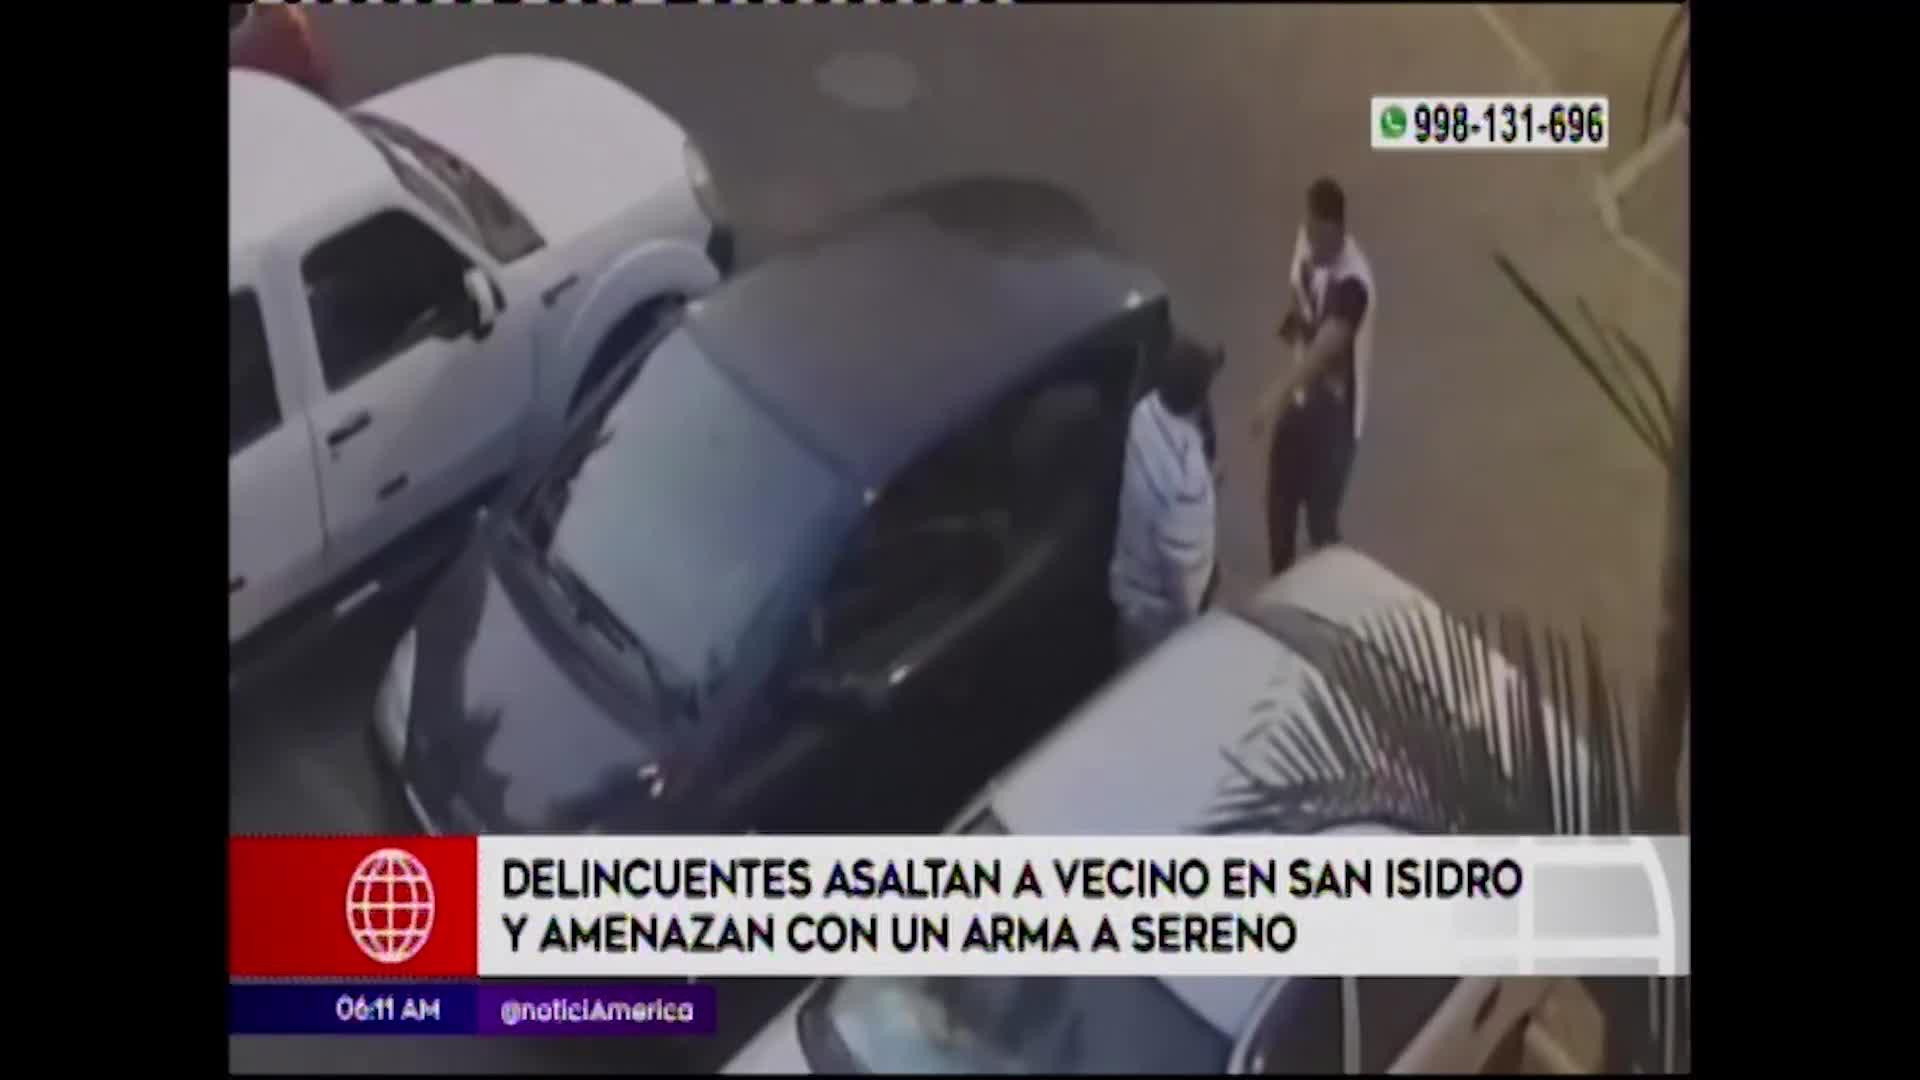 San Isidro: asaltan y amenazan con un arma a vecino de la zona